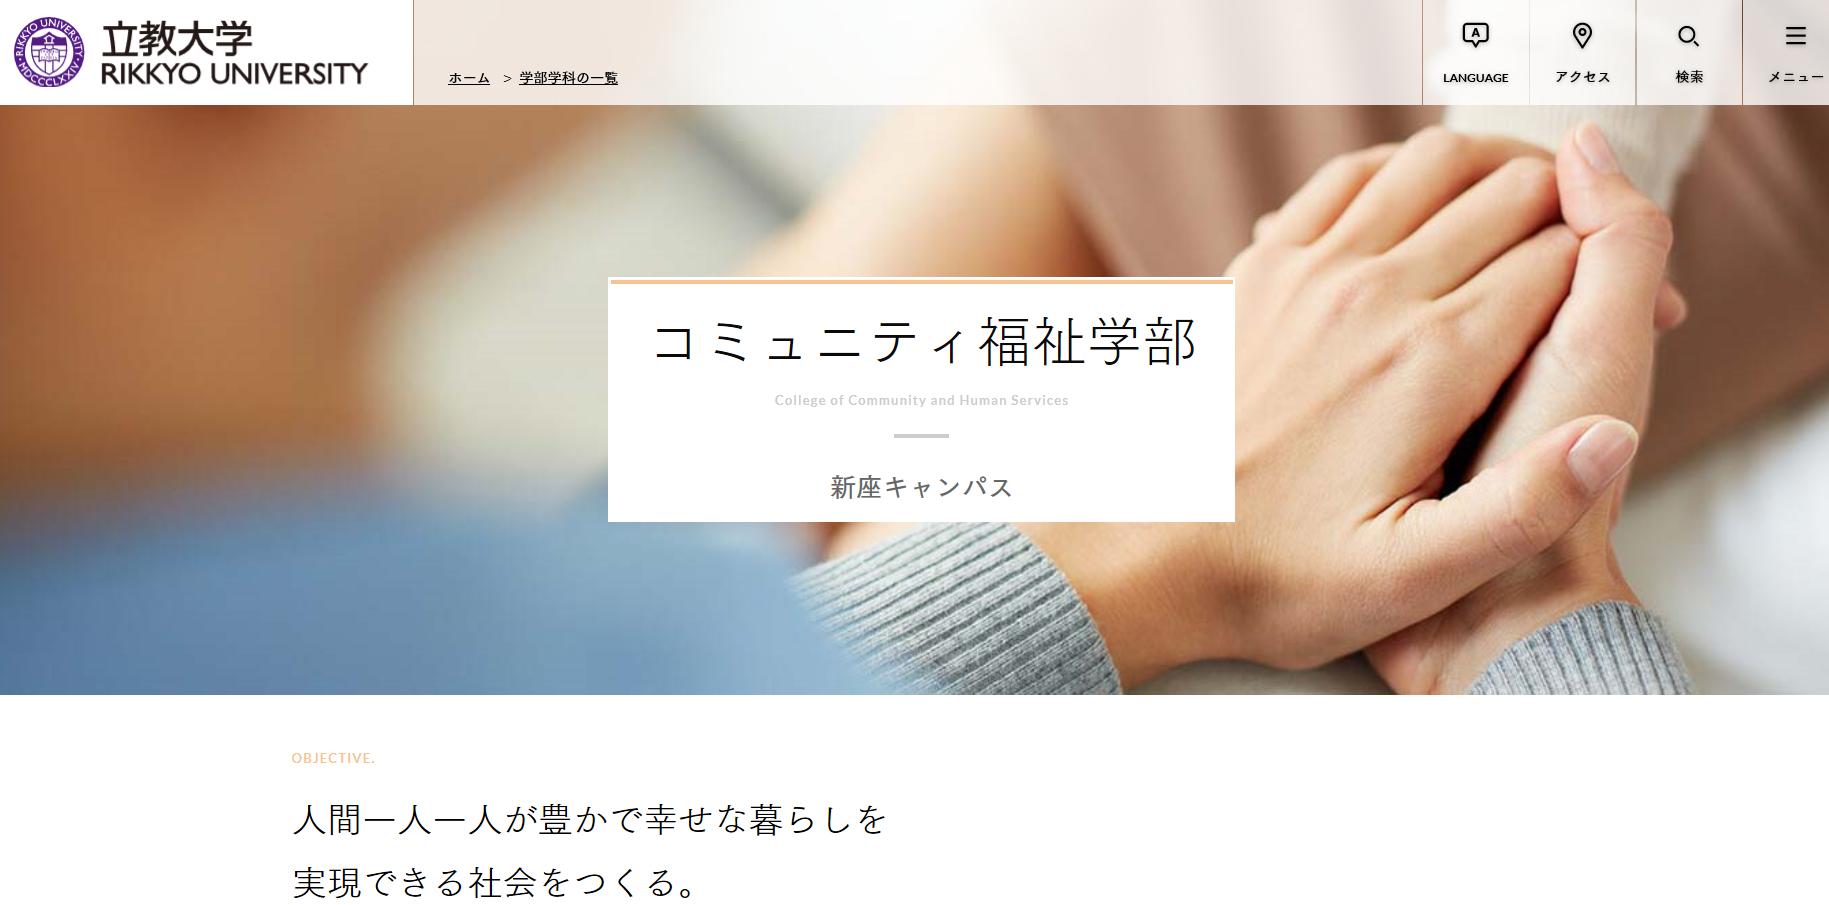 立教大学の評判・口コミ【コミュニティ福祉学部編】